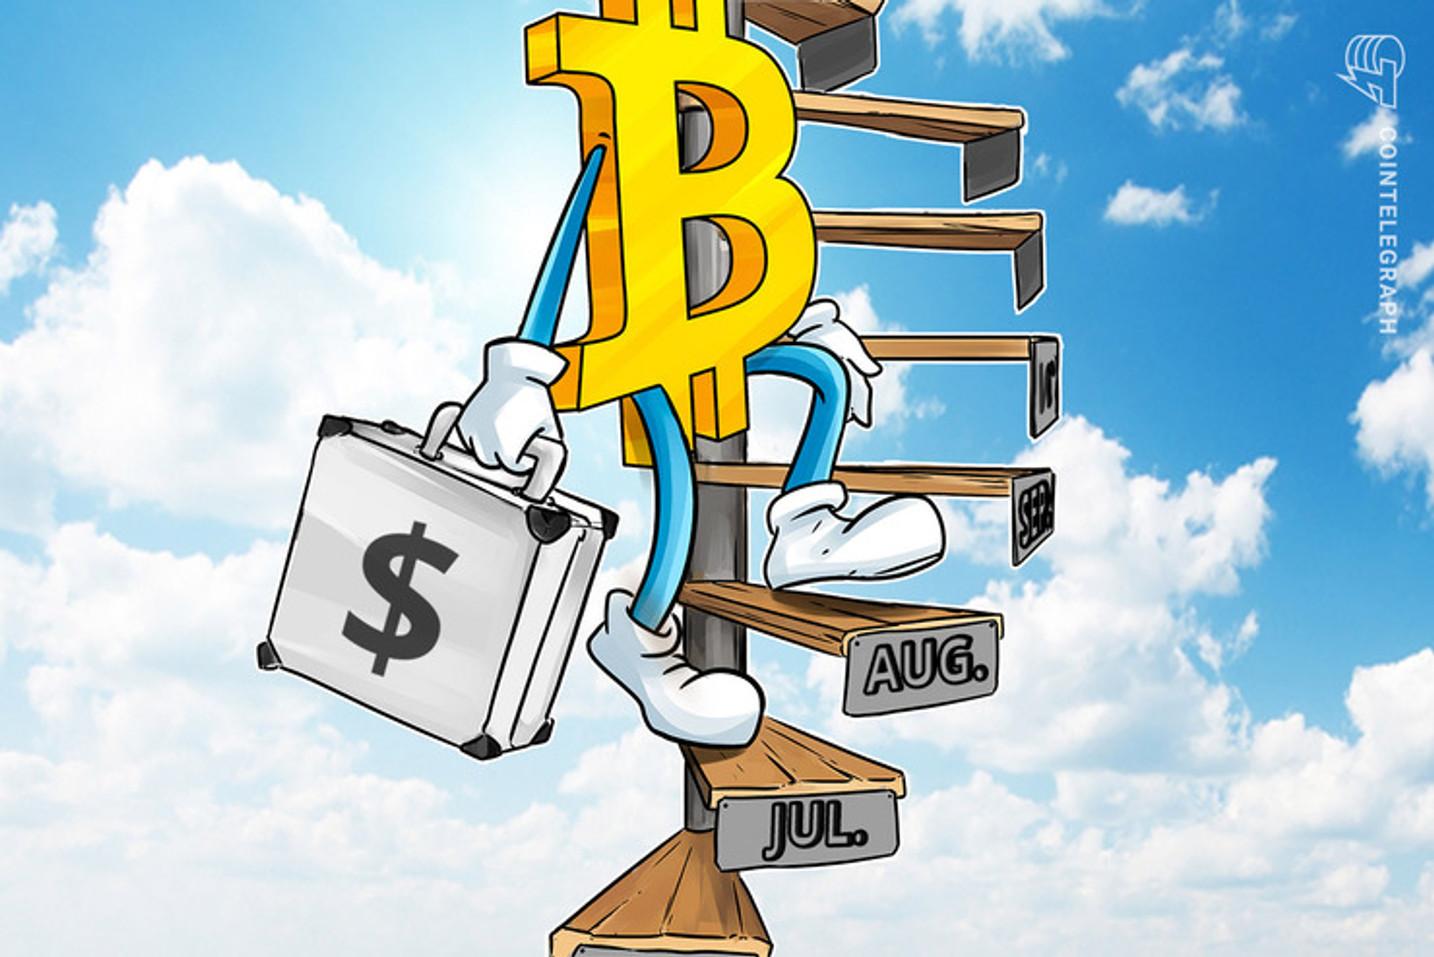 Breaking: Bitcoin rompe el techo psicológico de los USD 9,000 al conocerse lanzamiento del 'e-diner' en Túnez